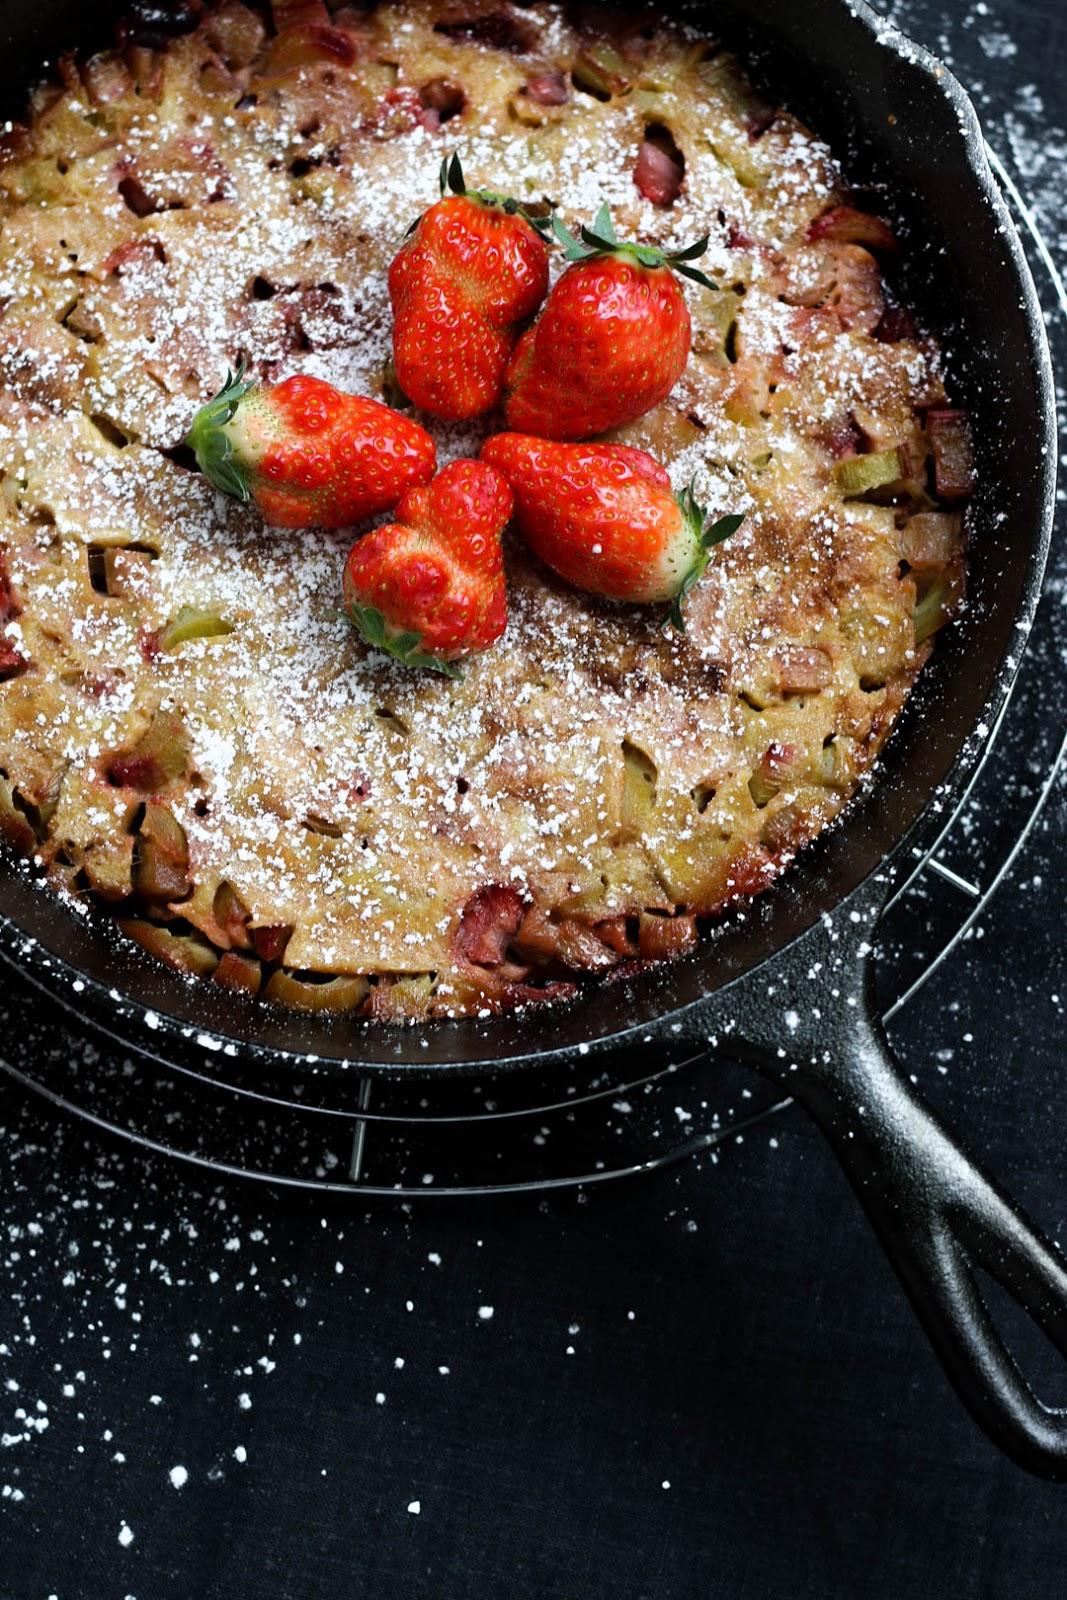 Dutch Baby, Ofenpfannkuchen, Erdbeeren, Rhabarber, Gusseisenpfanne